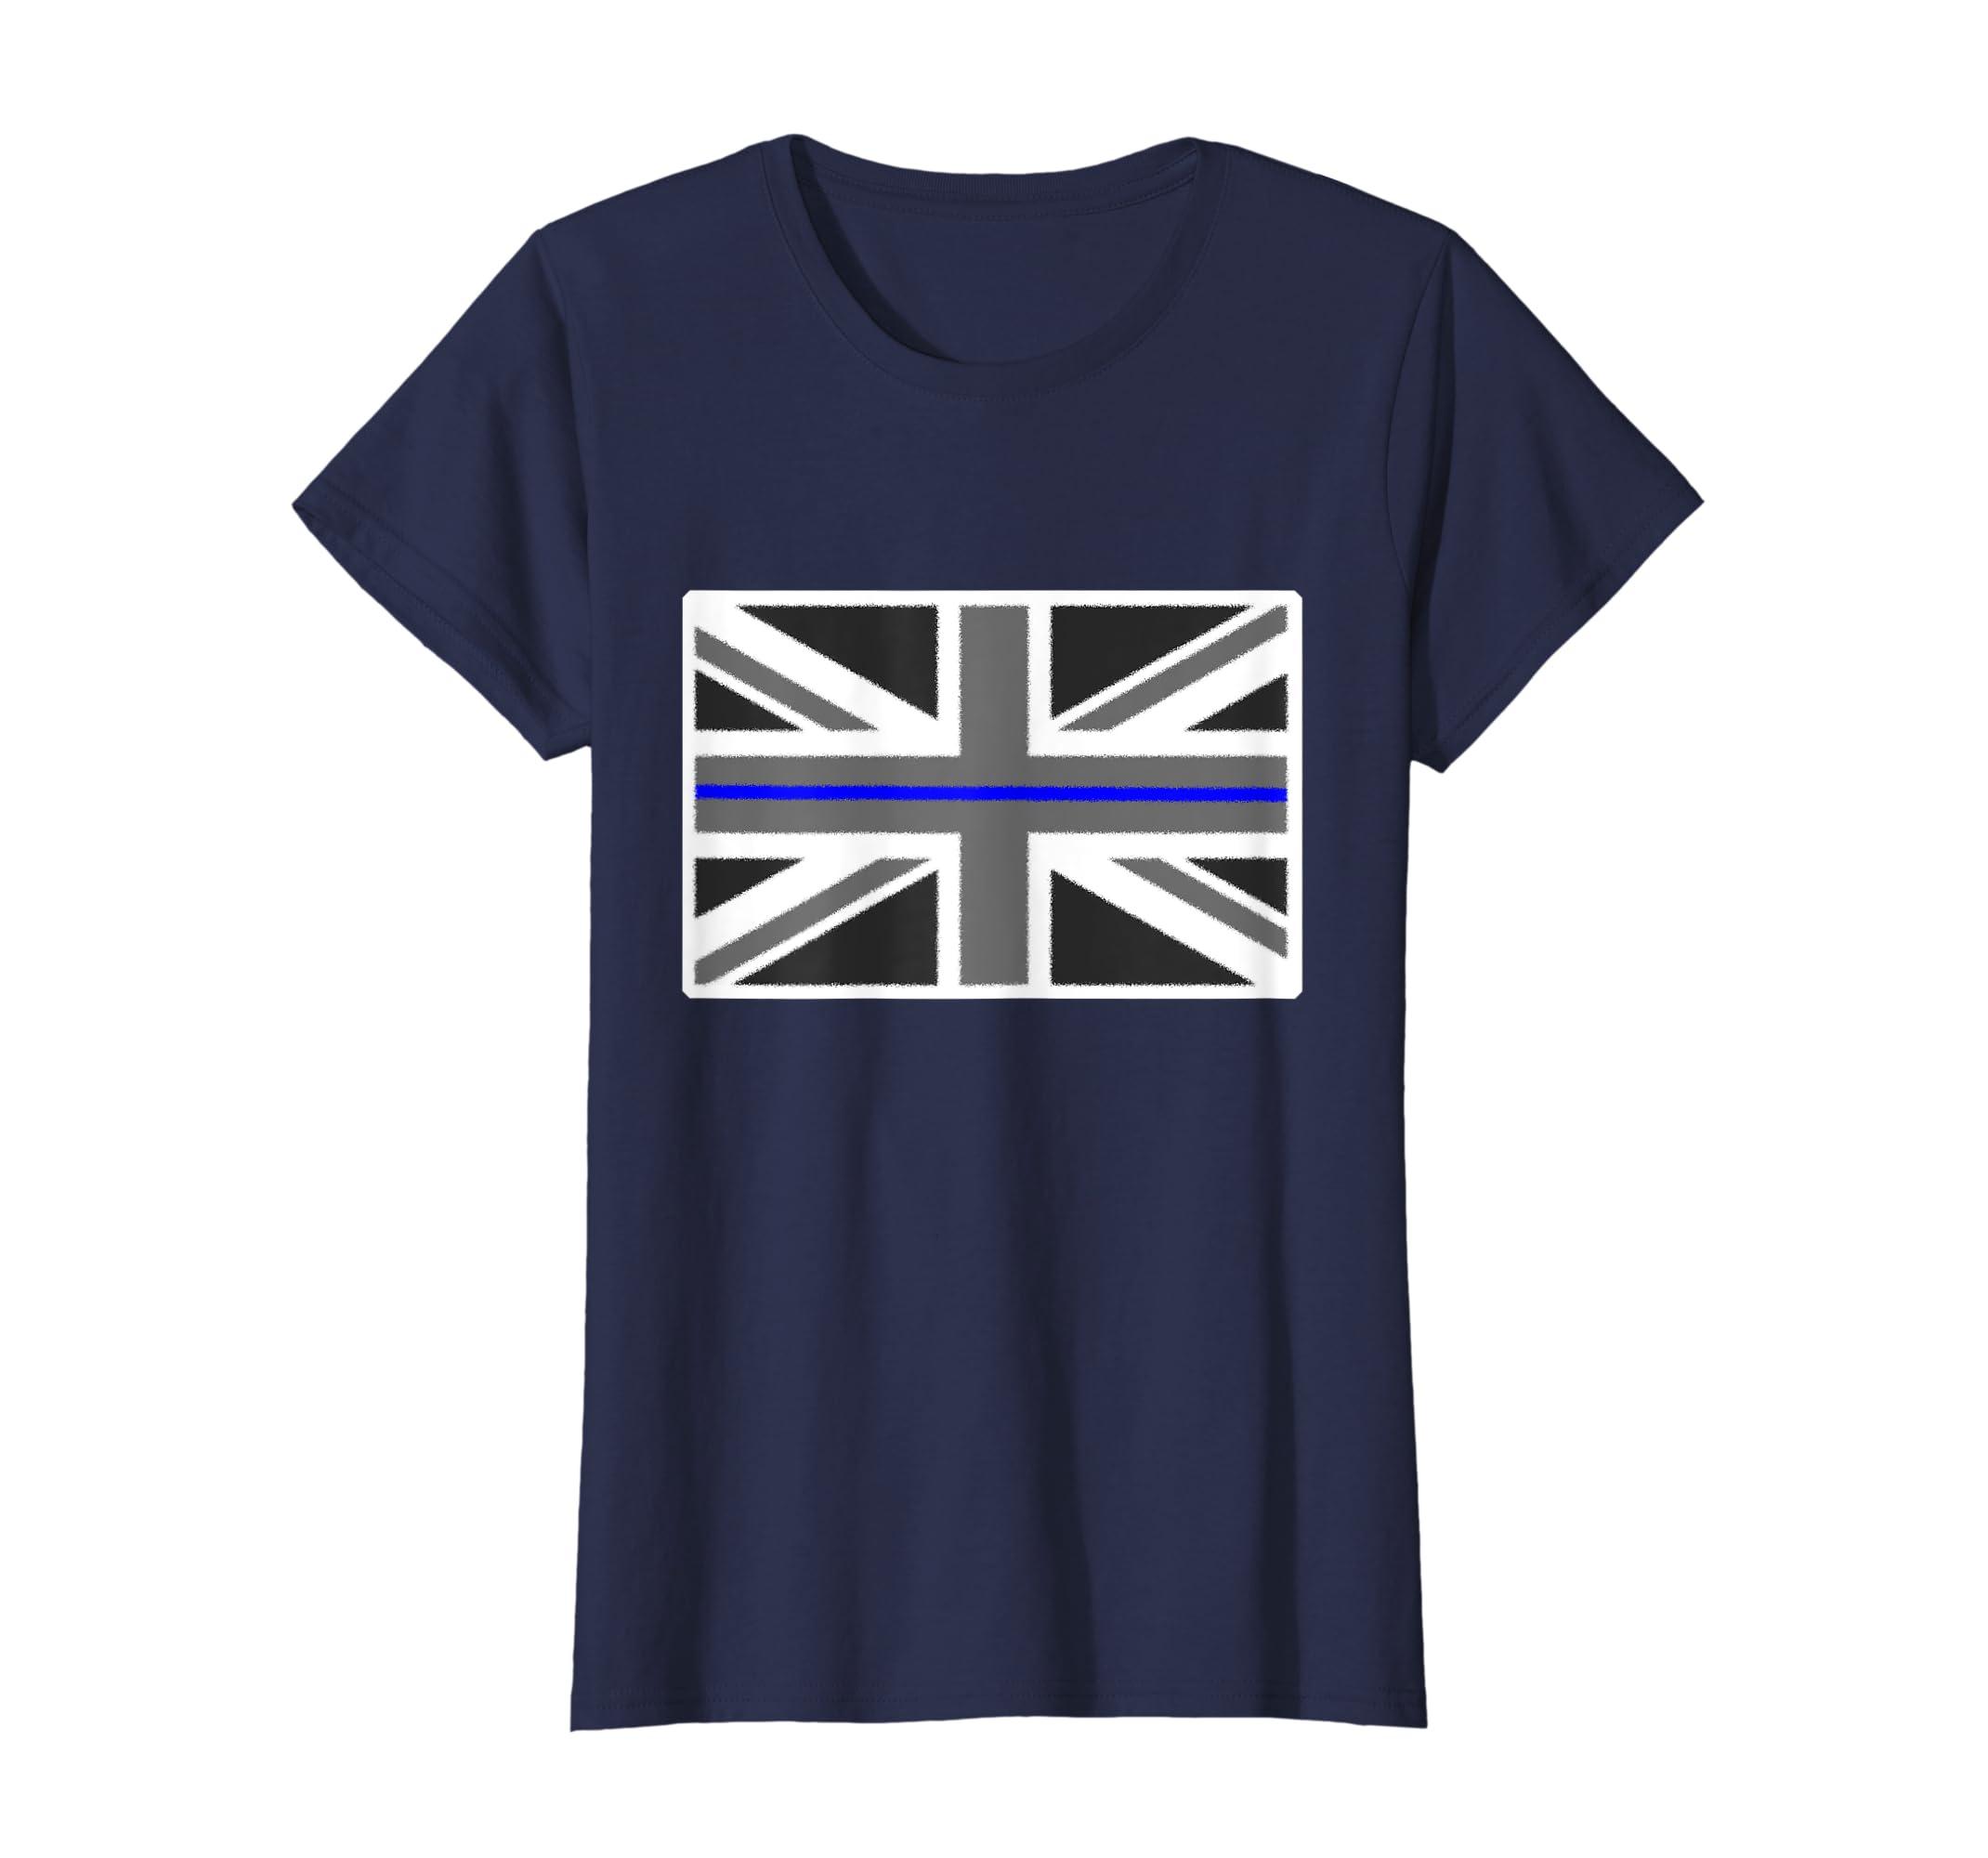 f94a030c Amazon.com: Thin Blue Line UK Flag English Police Union Jack T-Shirt:  Clothing